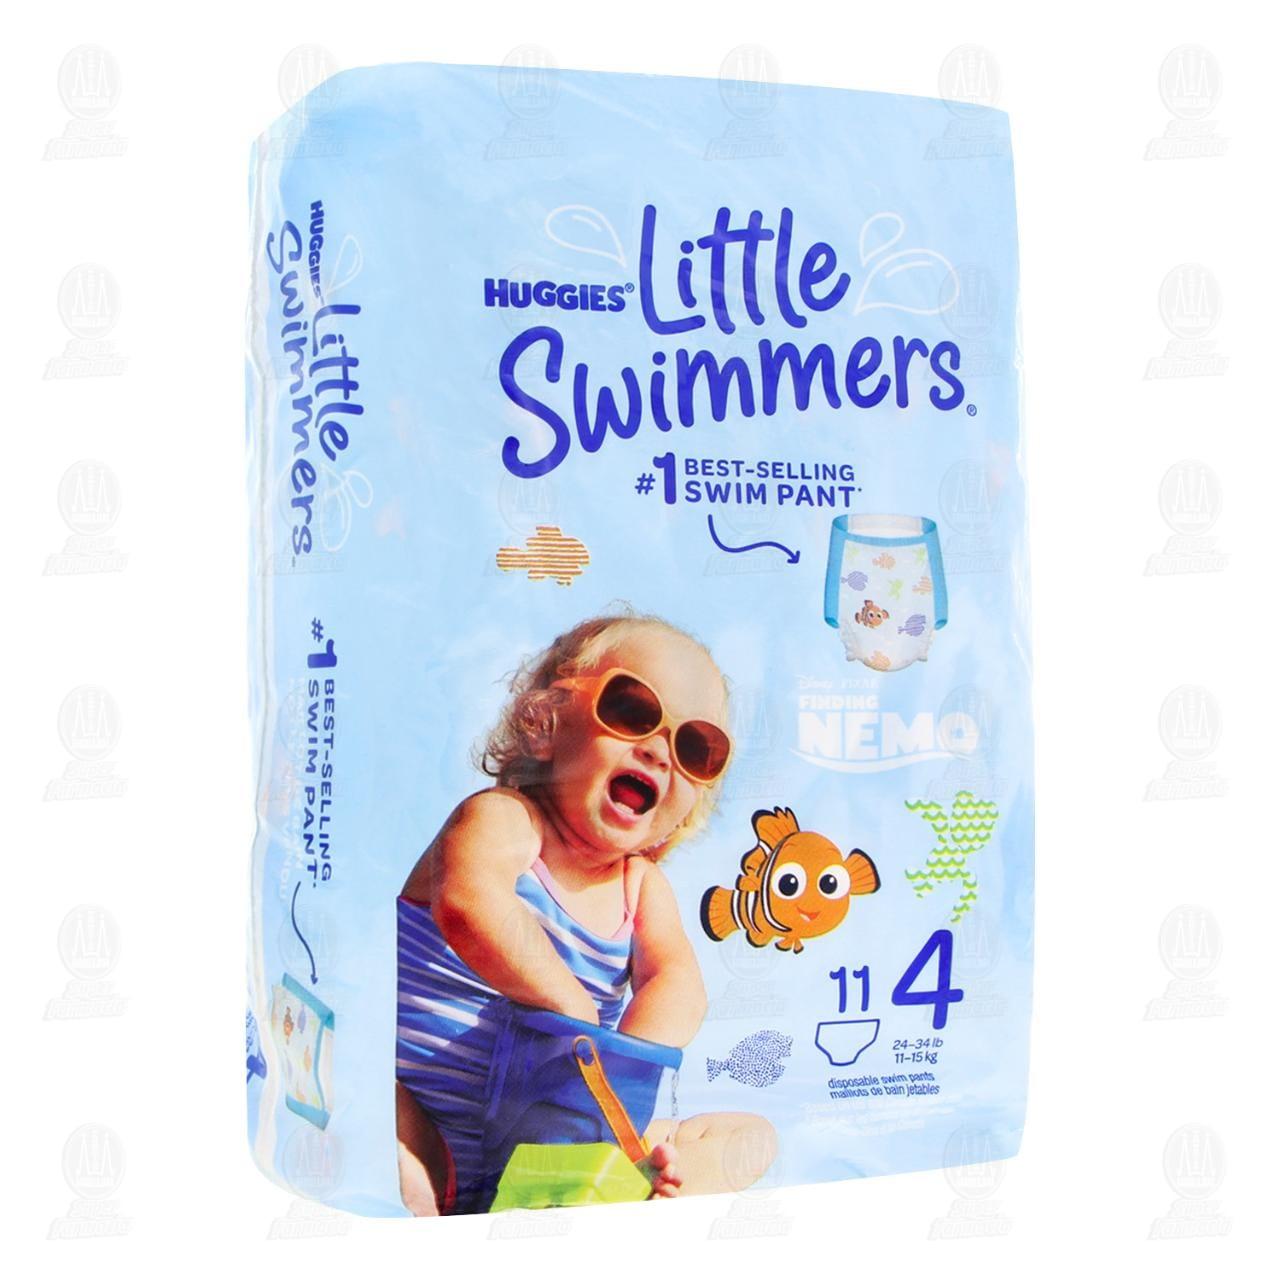 Comprar Calzón para Nadar Huggies Little Swimmers Talla 4 Desechables, 11 pzas. en Farmacias Guadalajara